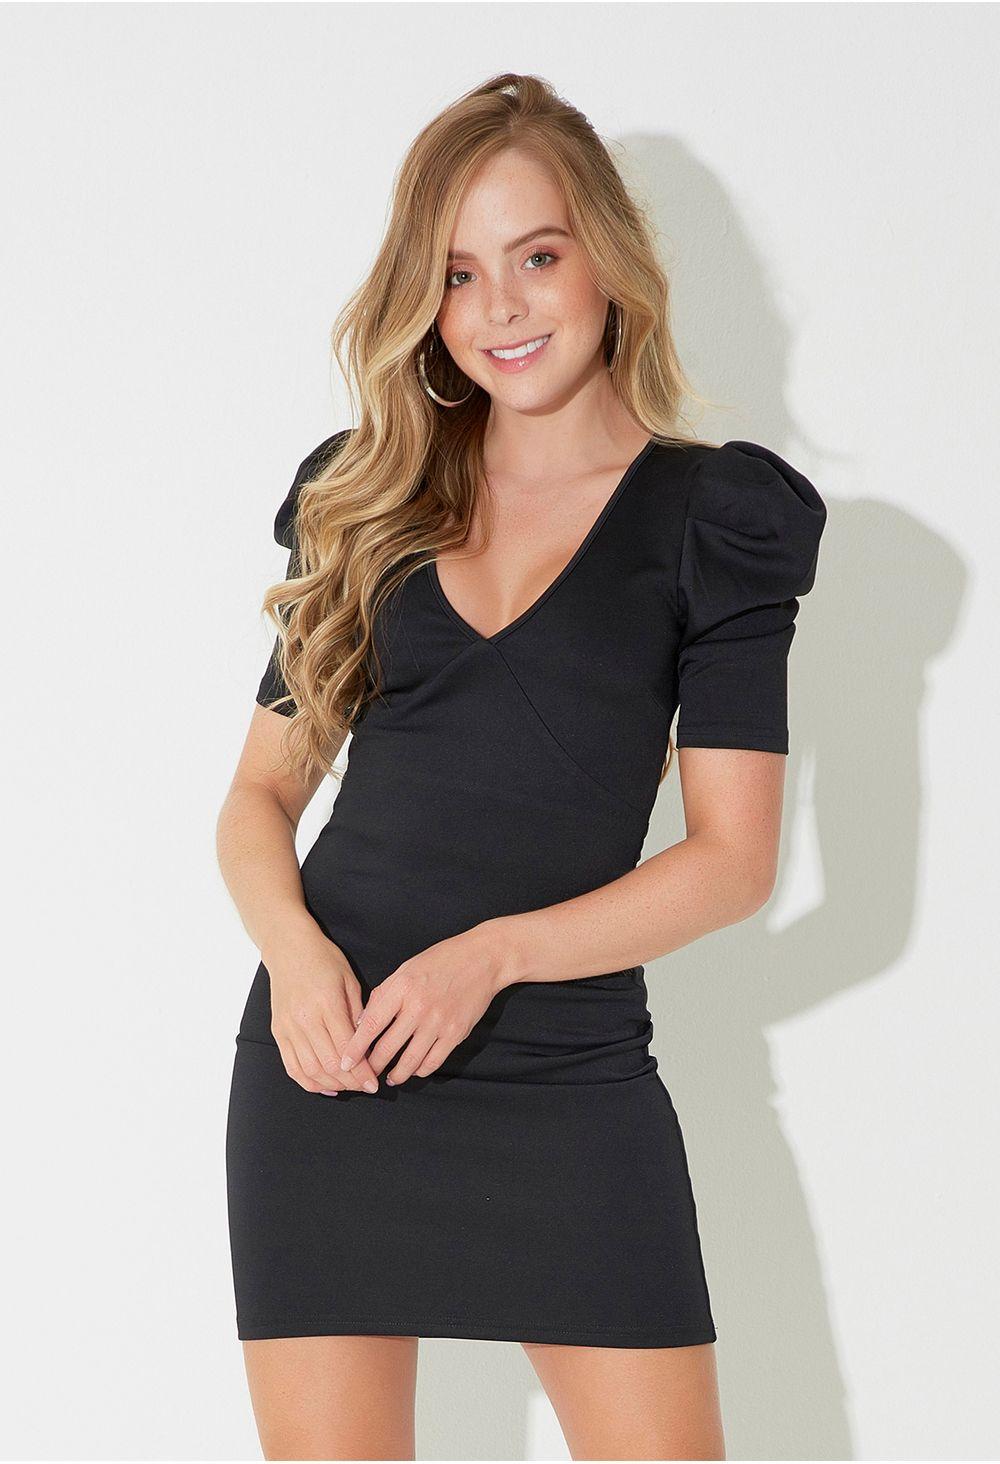 Super baratas que buen look baratas para descuento Vestido corto con escote en v